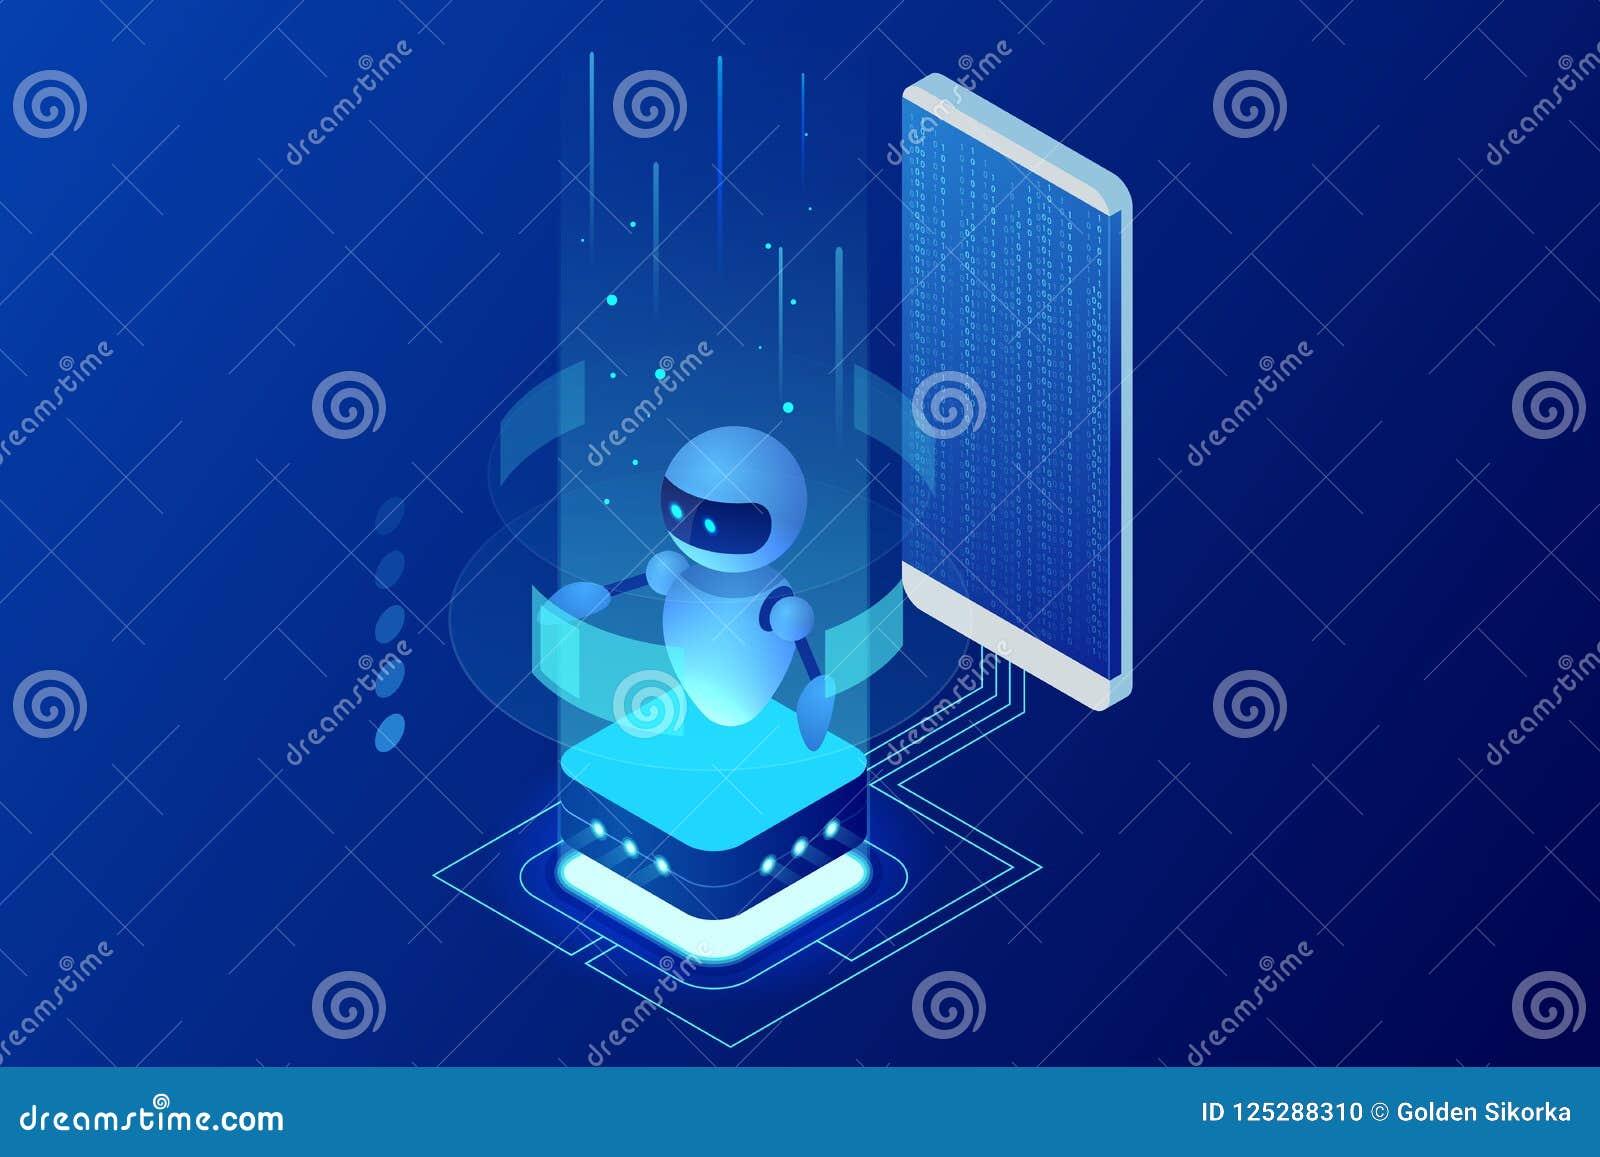 Isometrische künstliche Intelligenz Chatbot und zukünftiges Marketing Ai- und Geschäftsiot Konzept Dialoghilfsservice